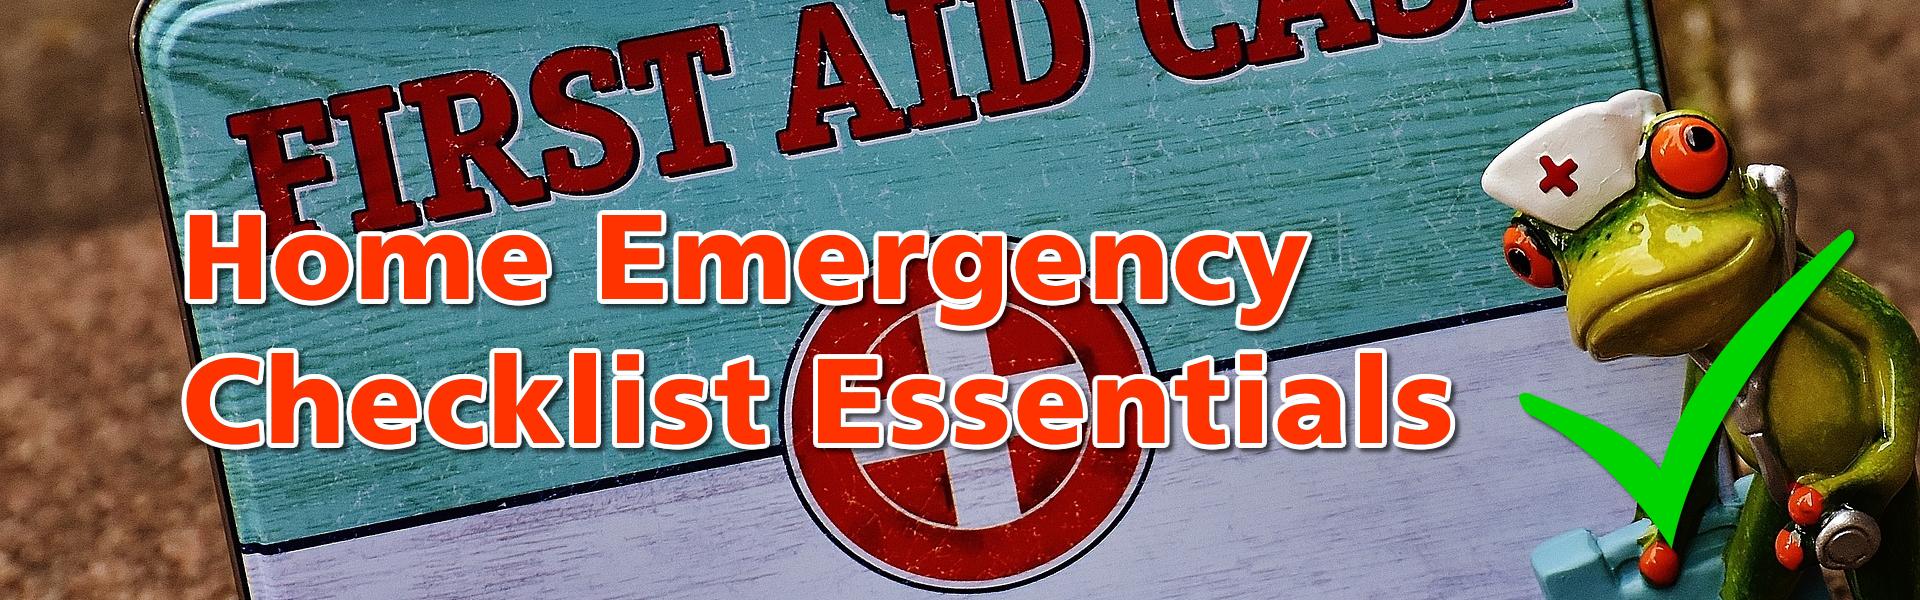 Home Emergency Checklist Essentials